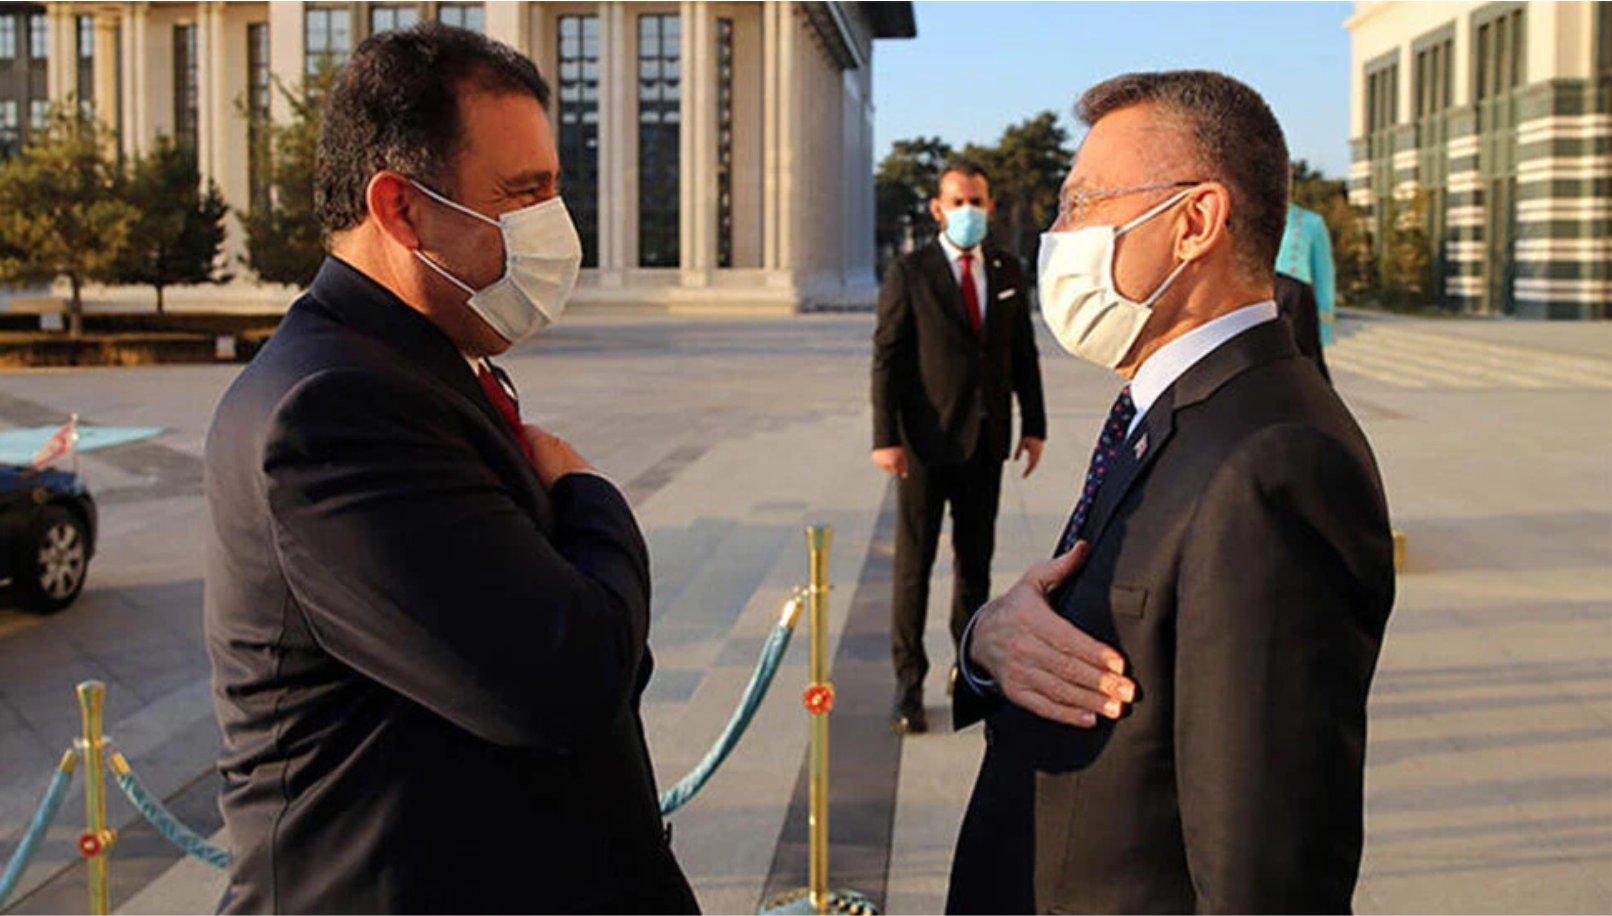 Başbakan Ersan Saner, Mali Protokol'ün imza törenine katılmak üzere Ankara'ya gidiyor